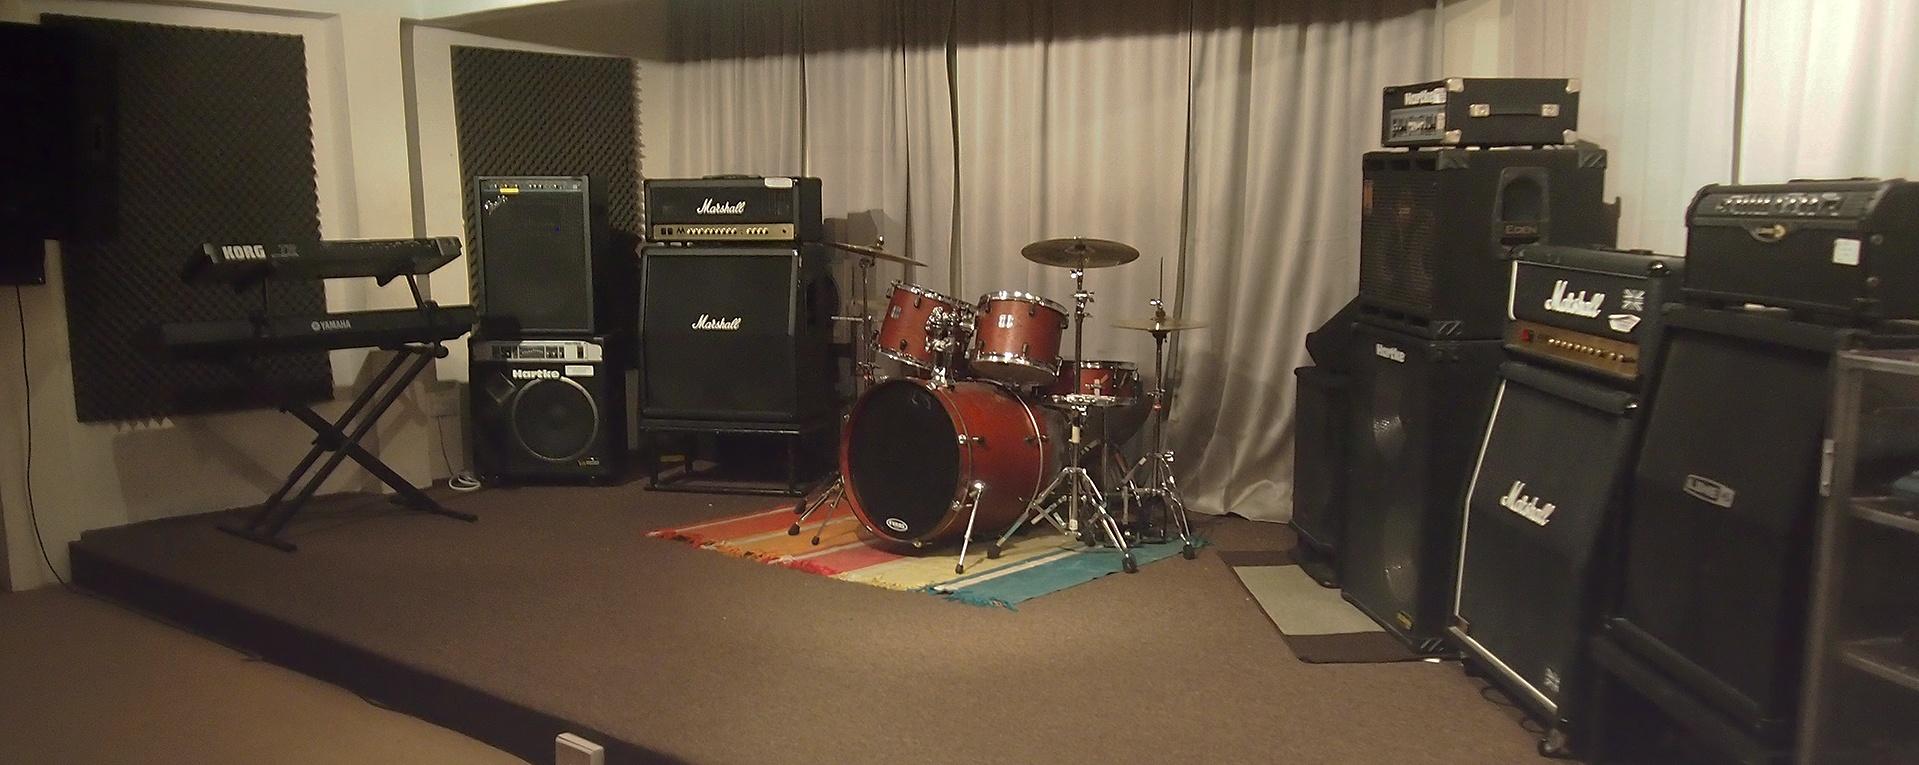 LCube Music Studio